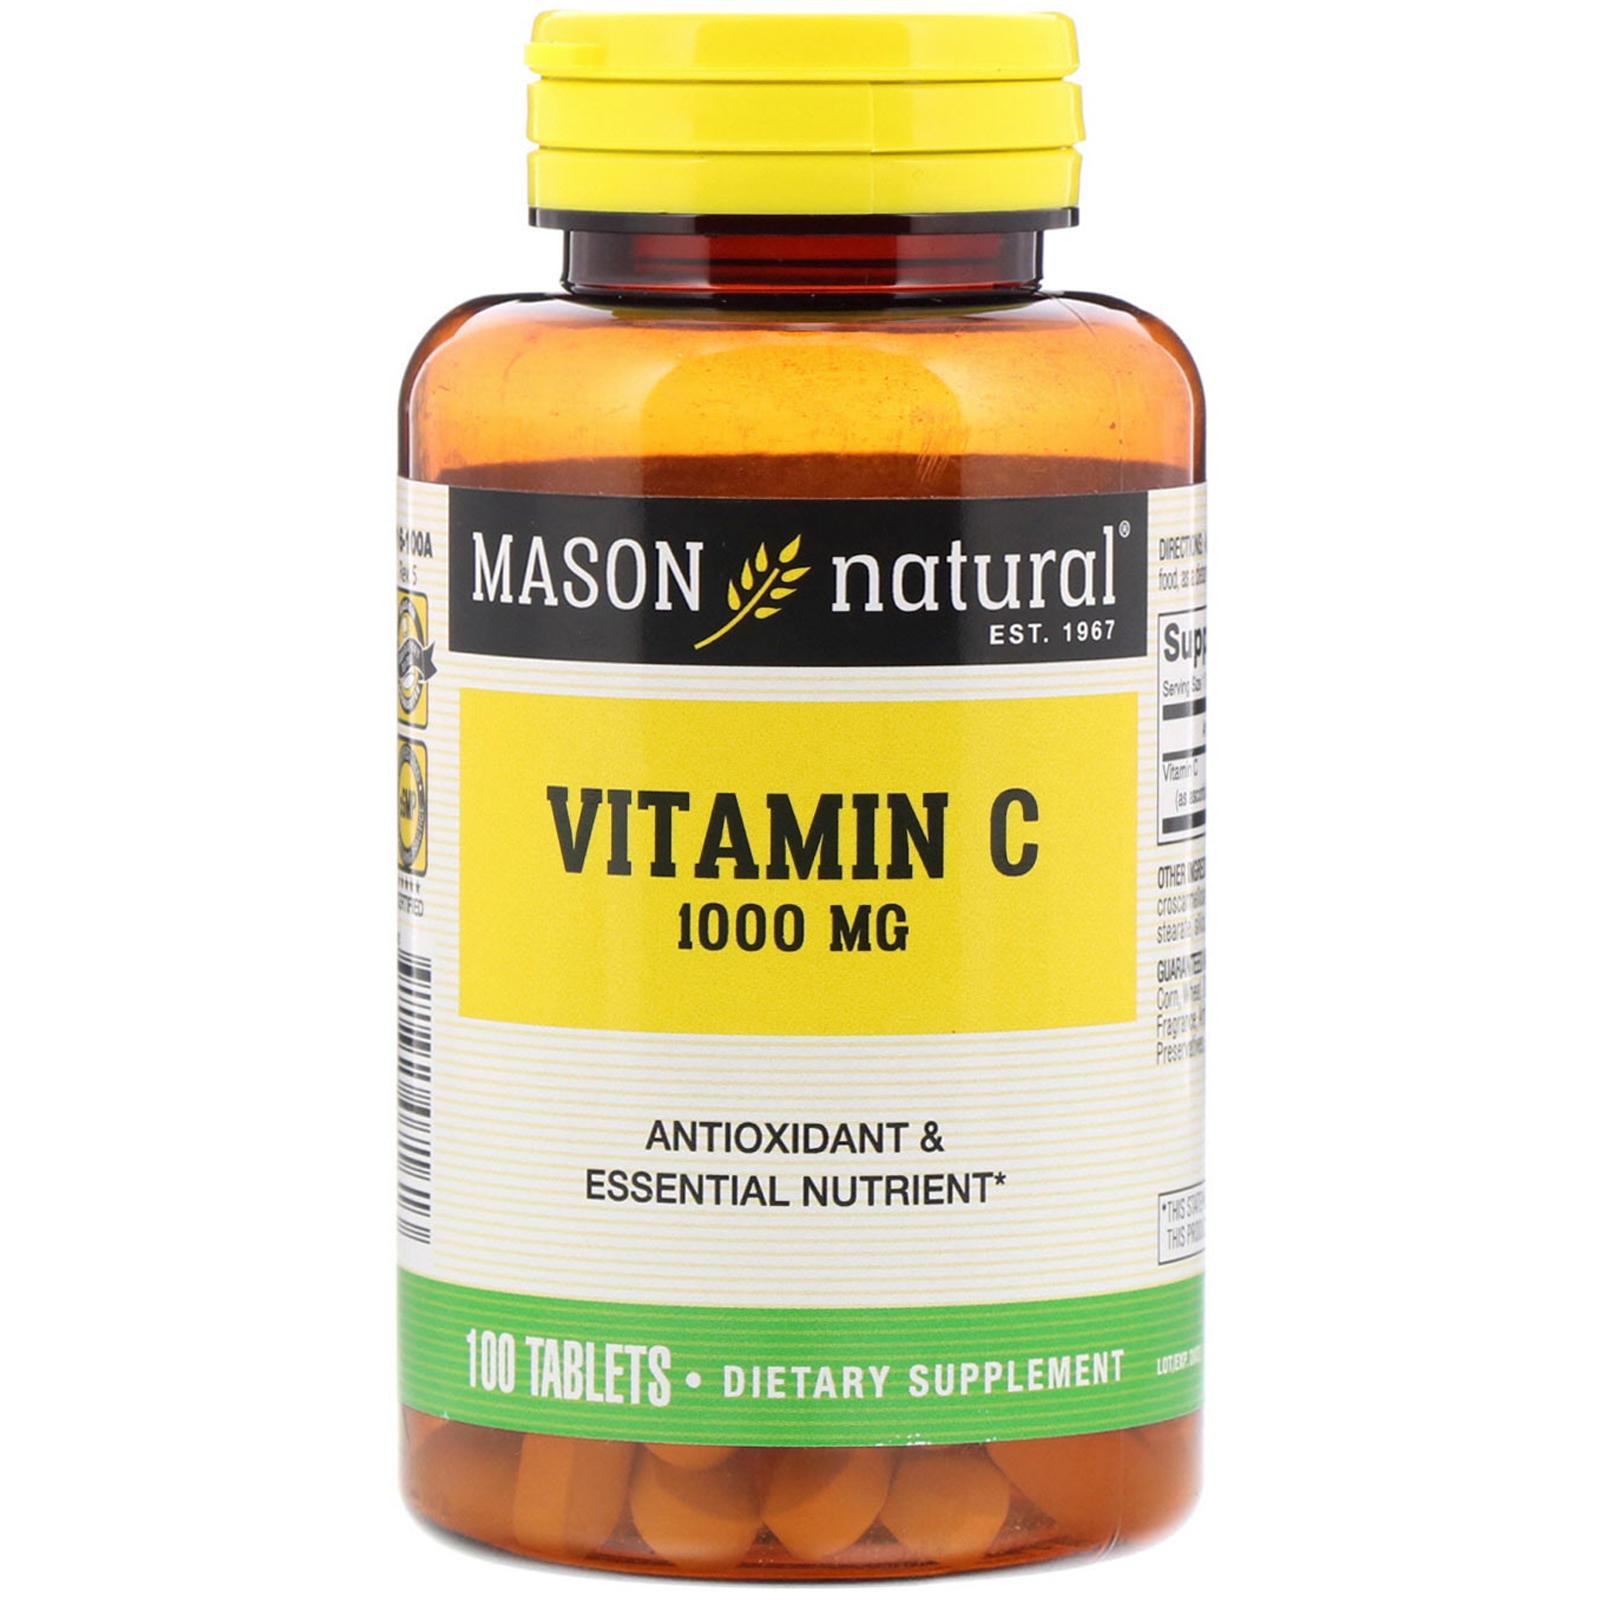 Mason Natural, Vitamin C, 1000 mg, 100 Tablets